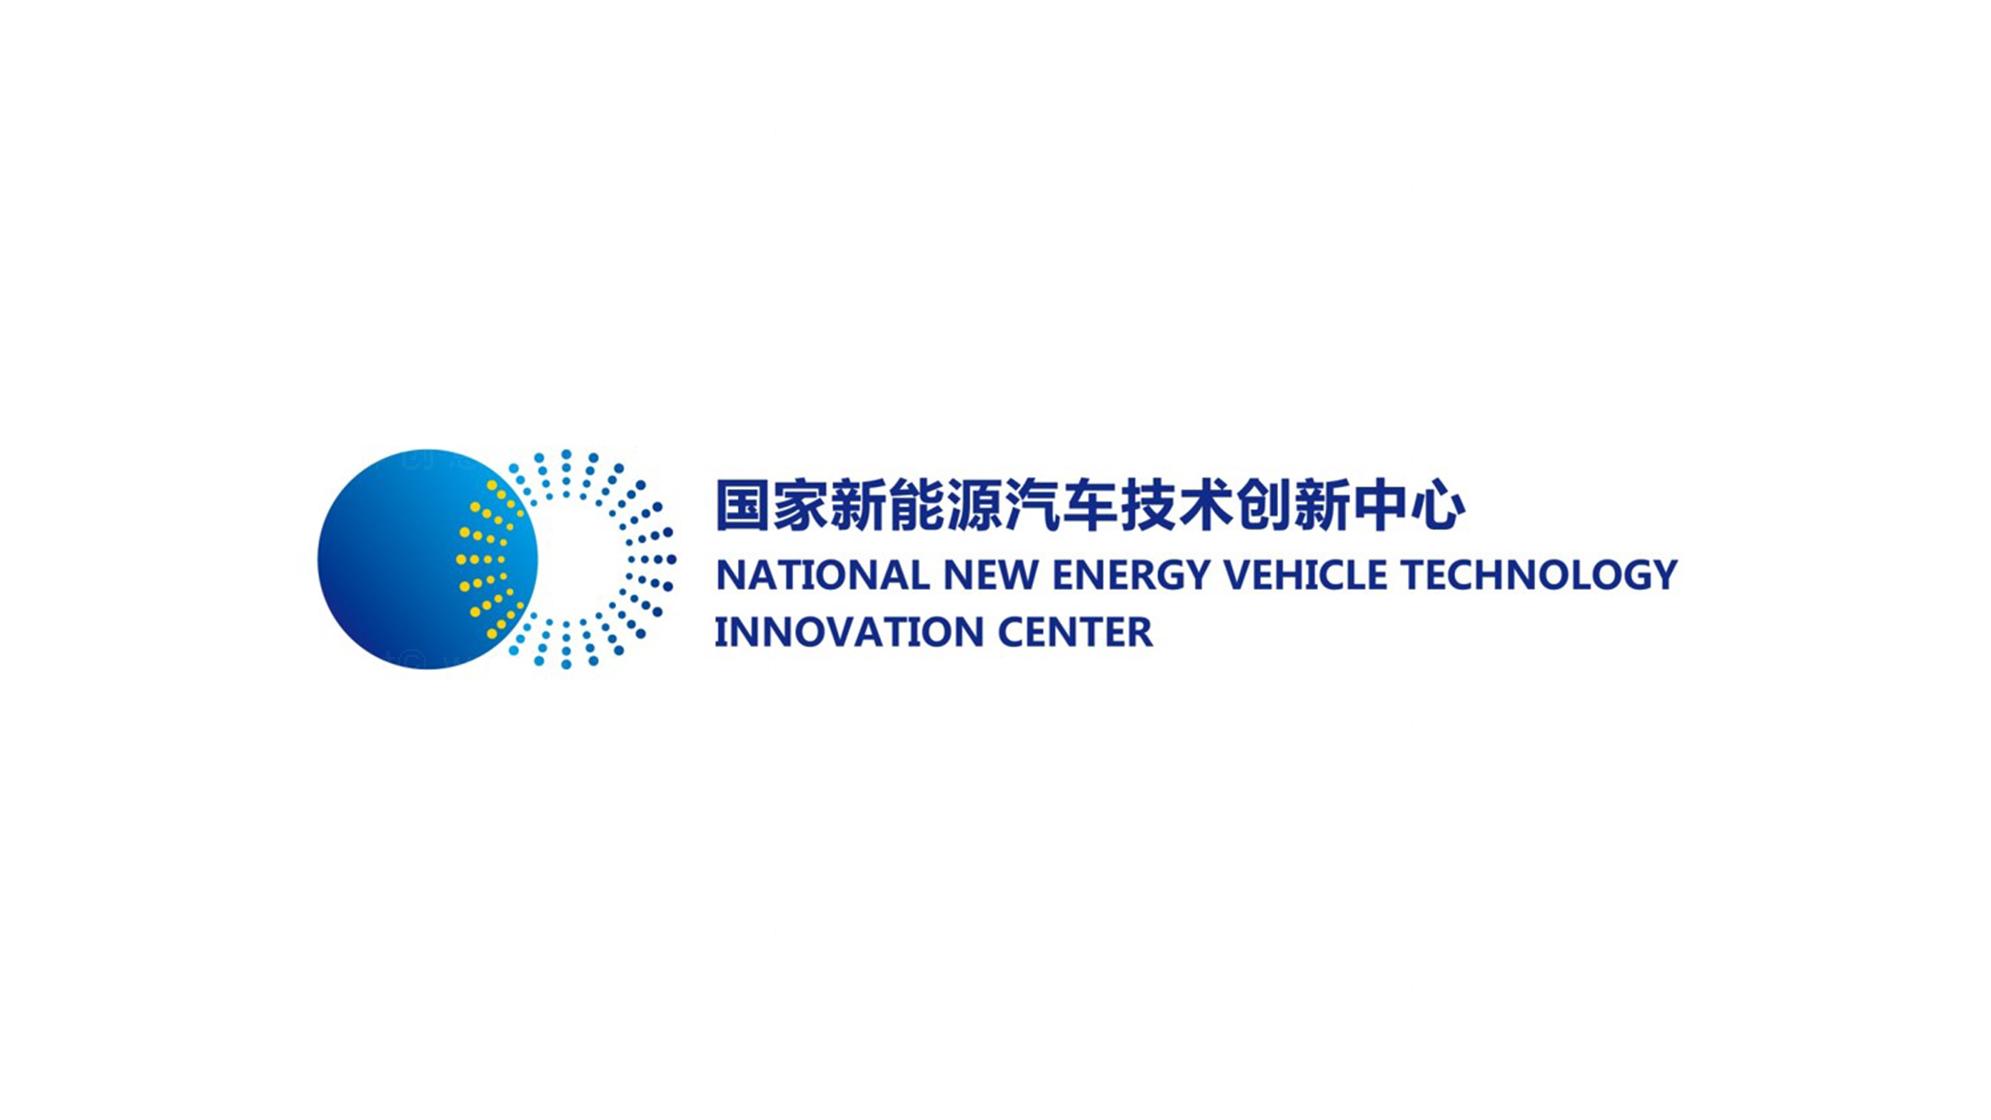 汽车业品牌设计国家新能源汽车技术创新中心标志设计